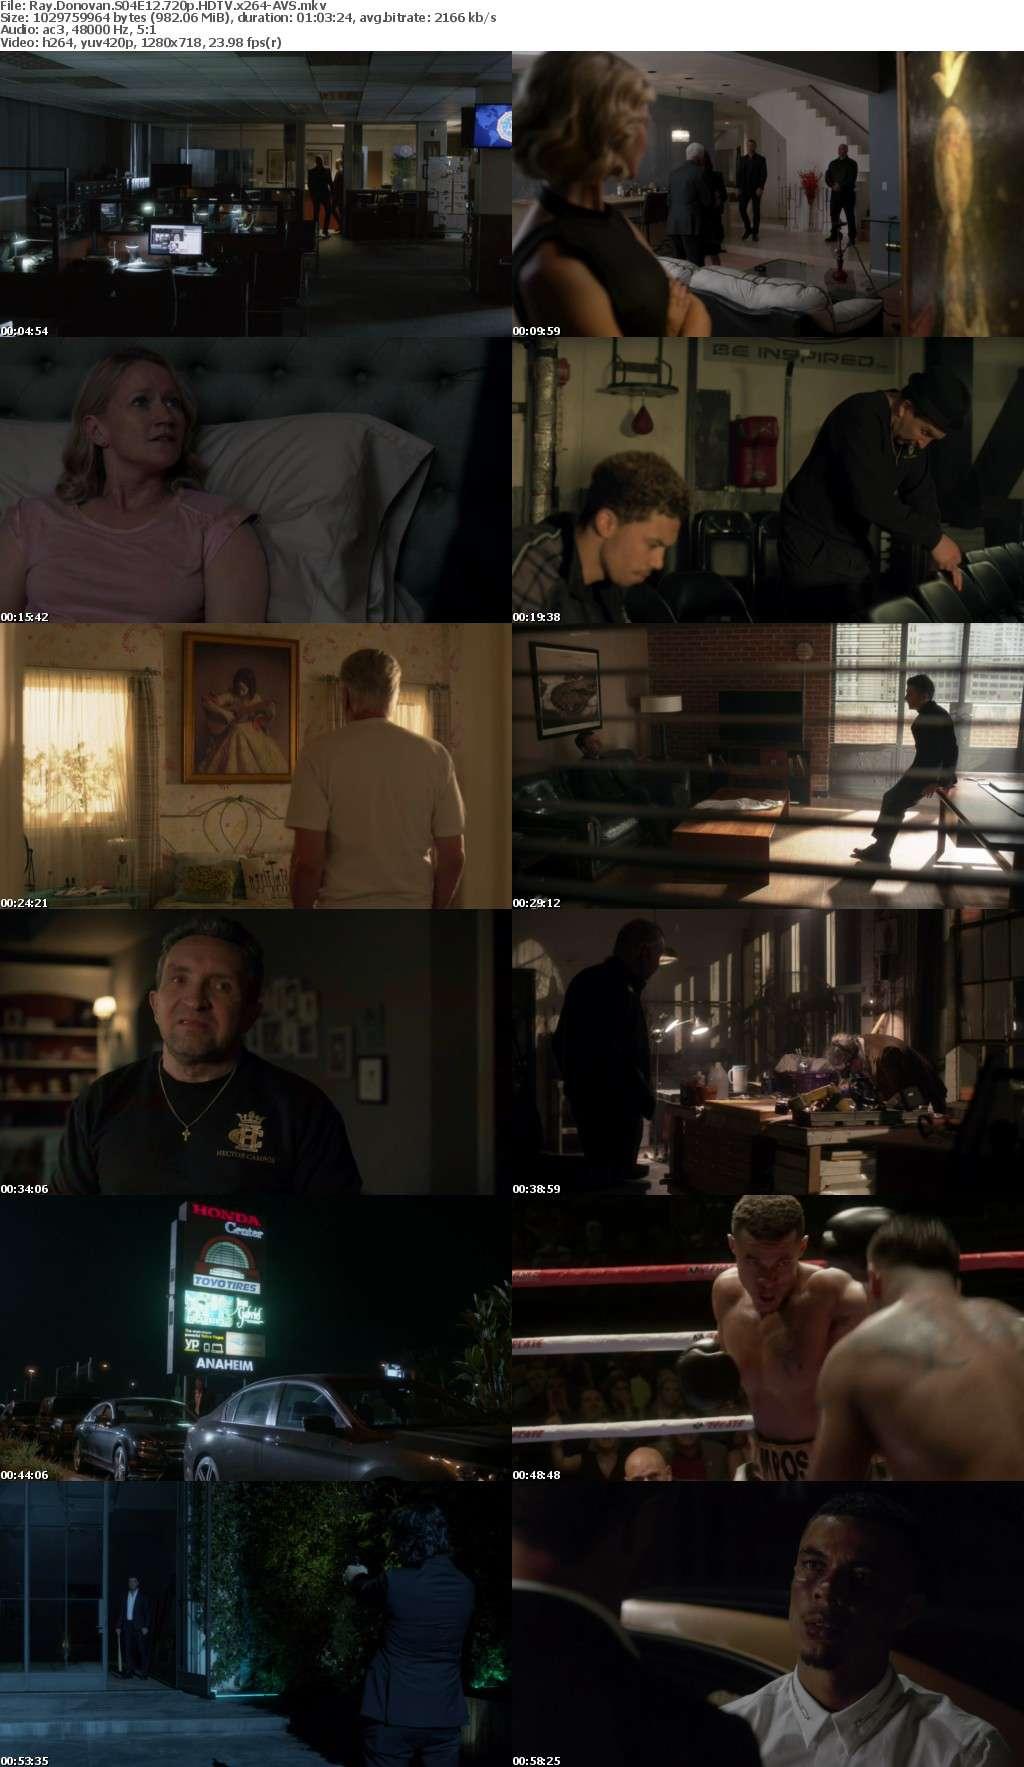 Ray Donovan S04E12 720p HDTV x264-AVS